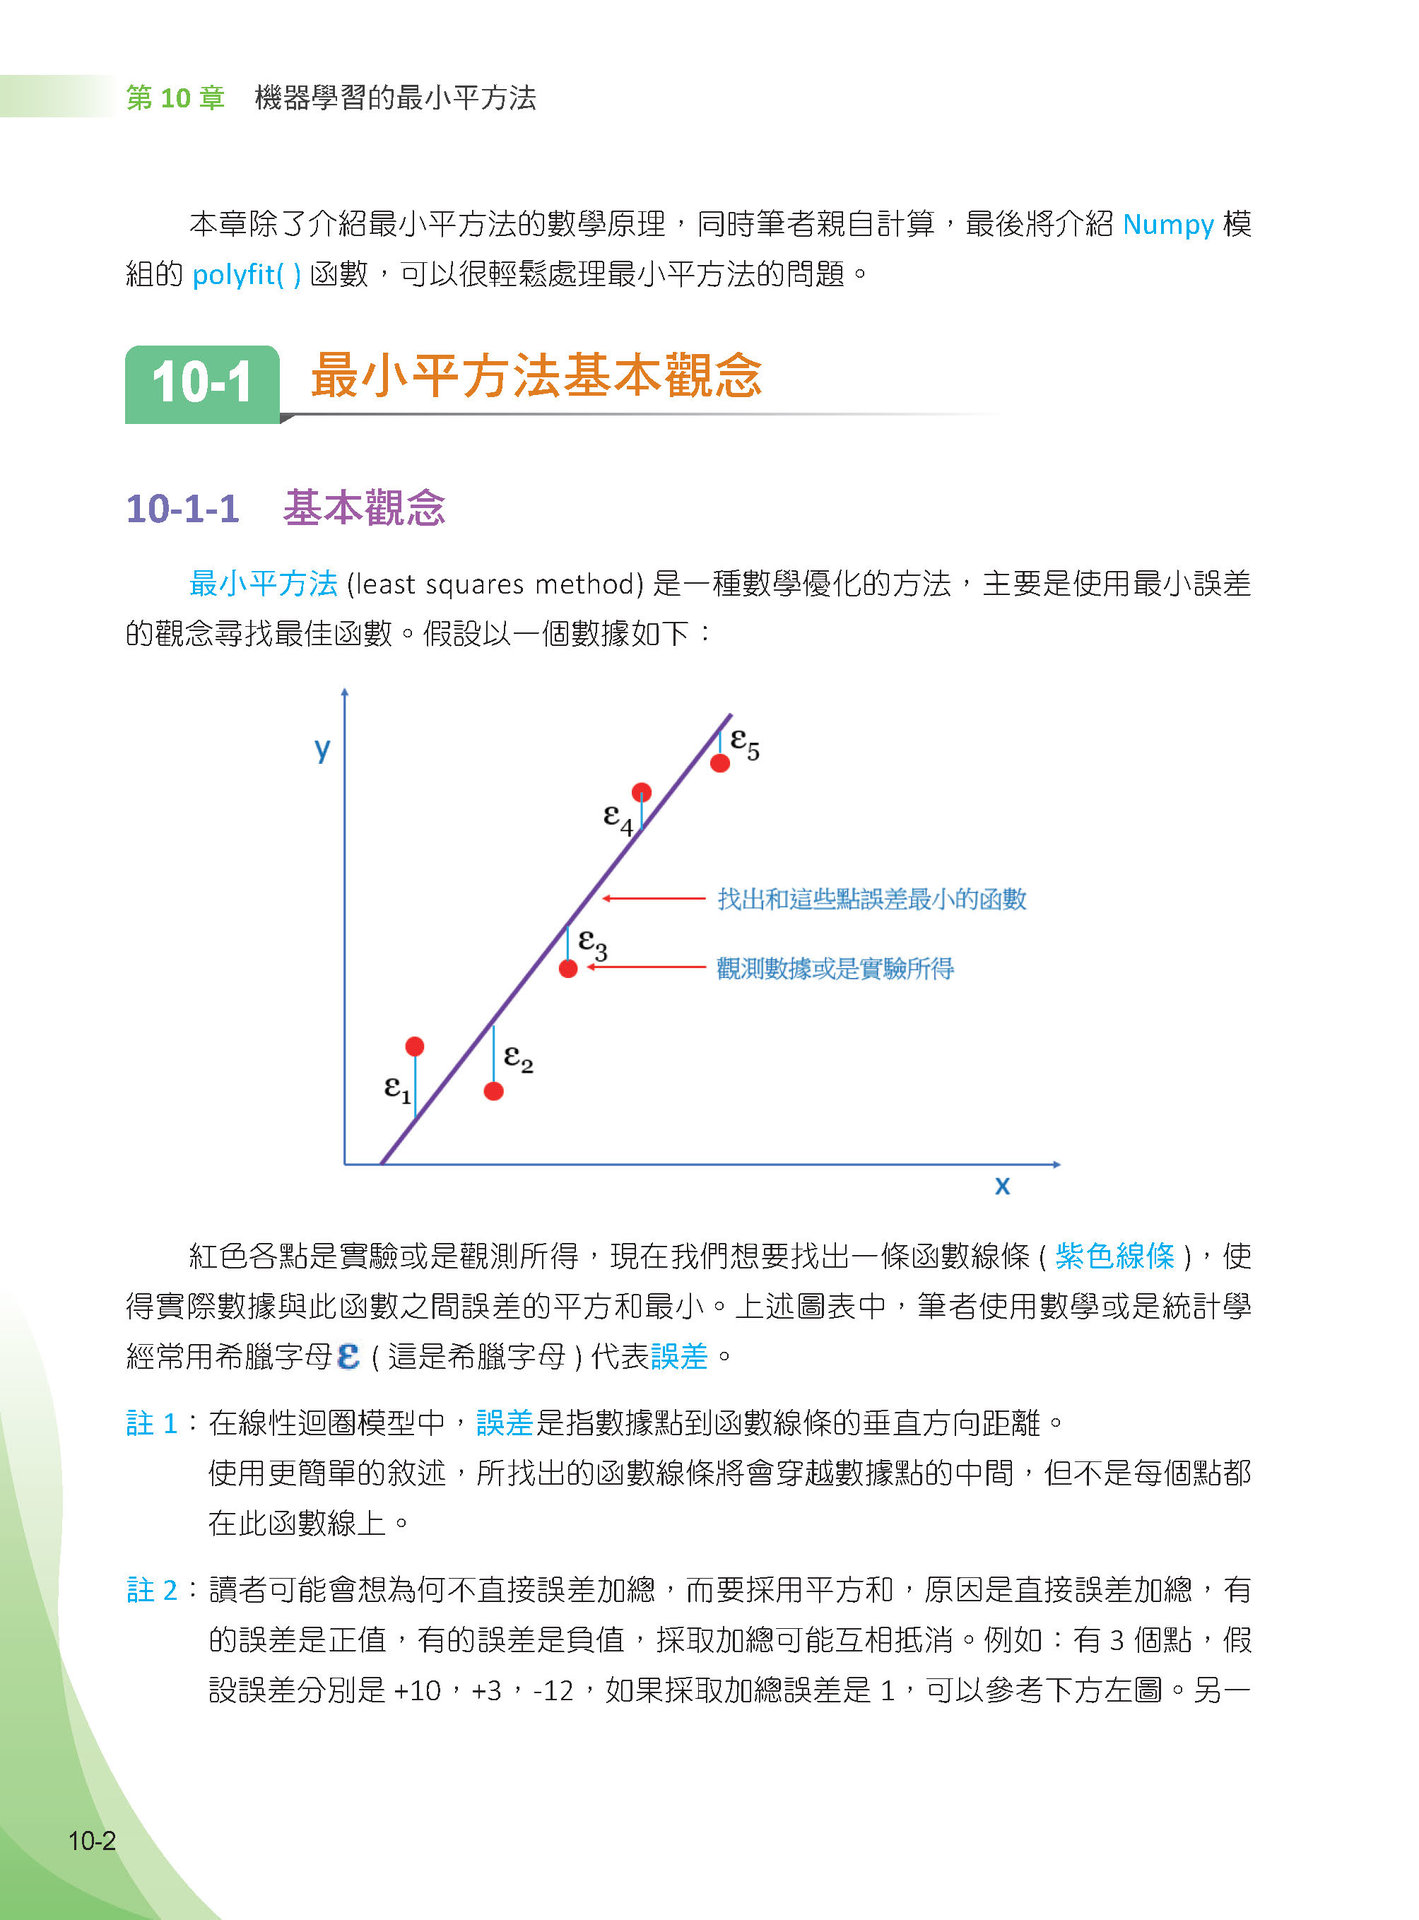 機器學習:彩色圖解 + 基礎數學篇 + Python實作 -- 王者歸來 (全彩)-preview-6